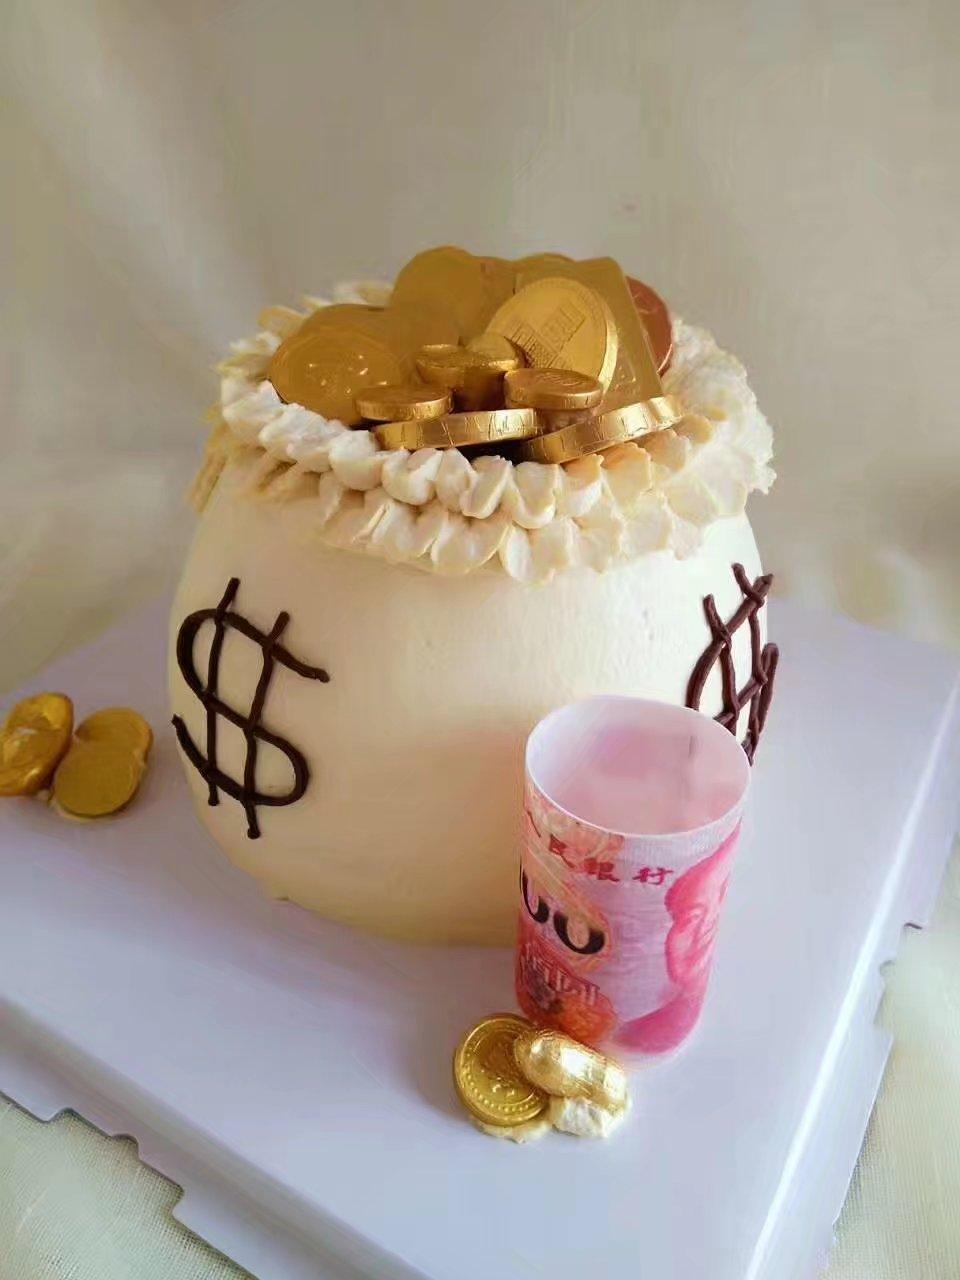 纯奶油蛋糕_奶q仔天津同城包邮聚宝盆造型纯乳脂奶油生日蛋糕创意蛋糕定制